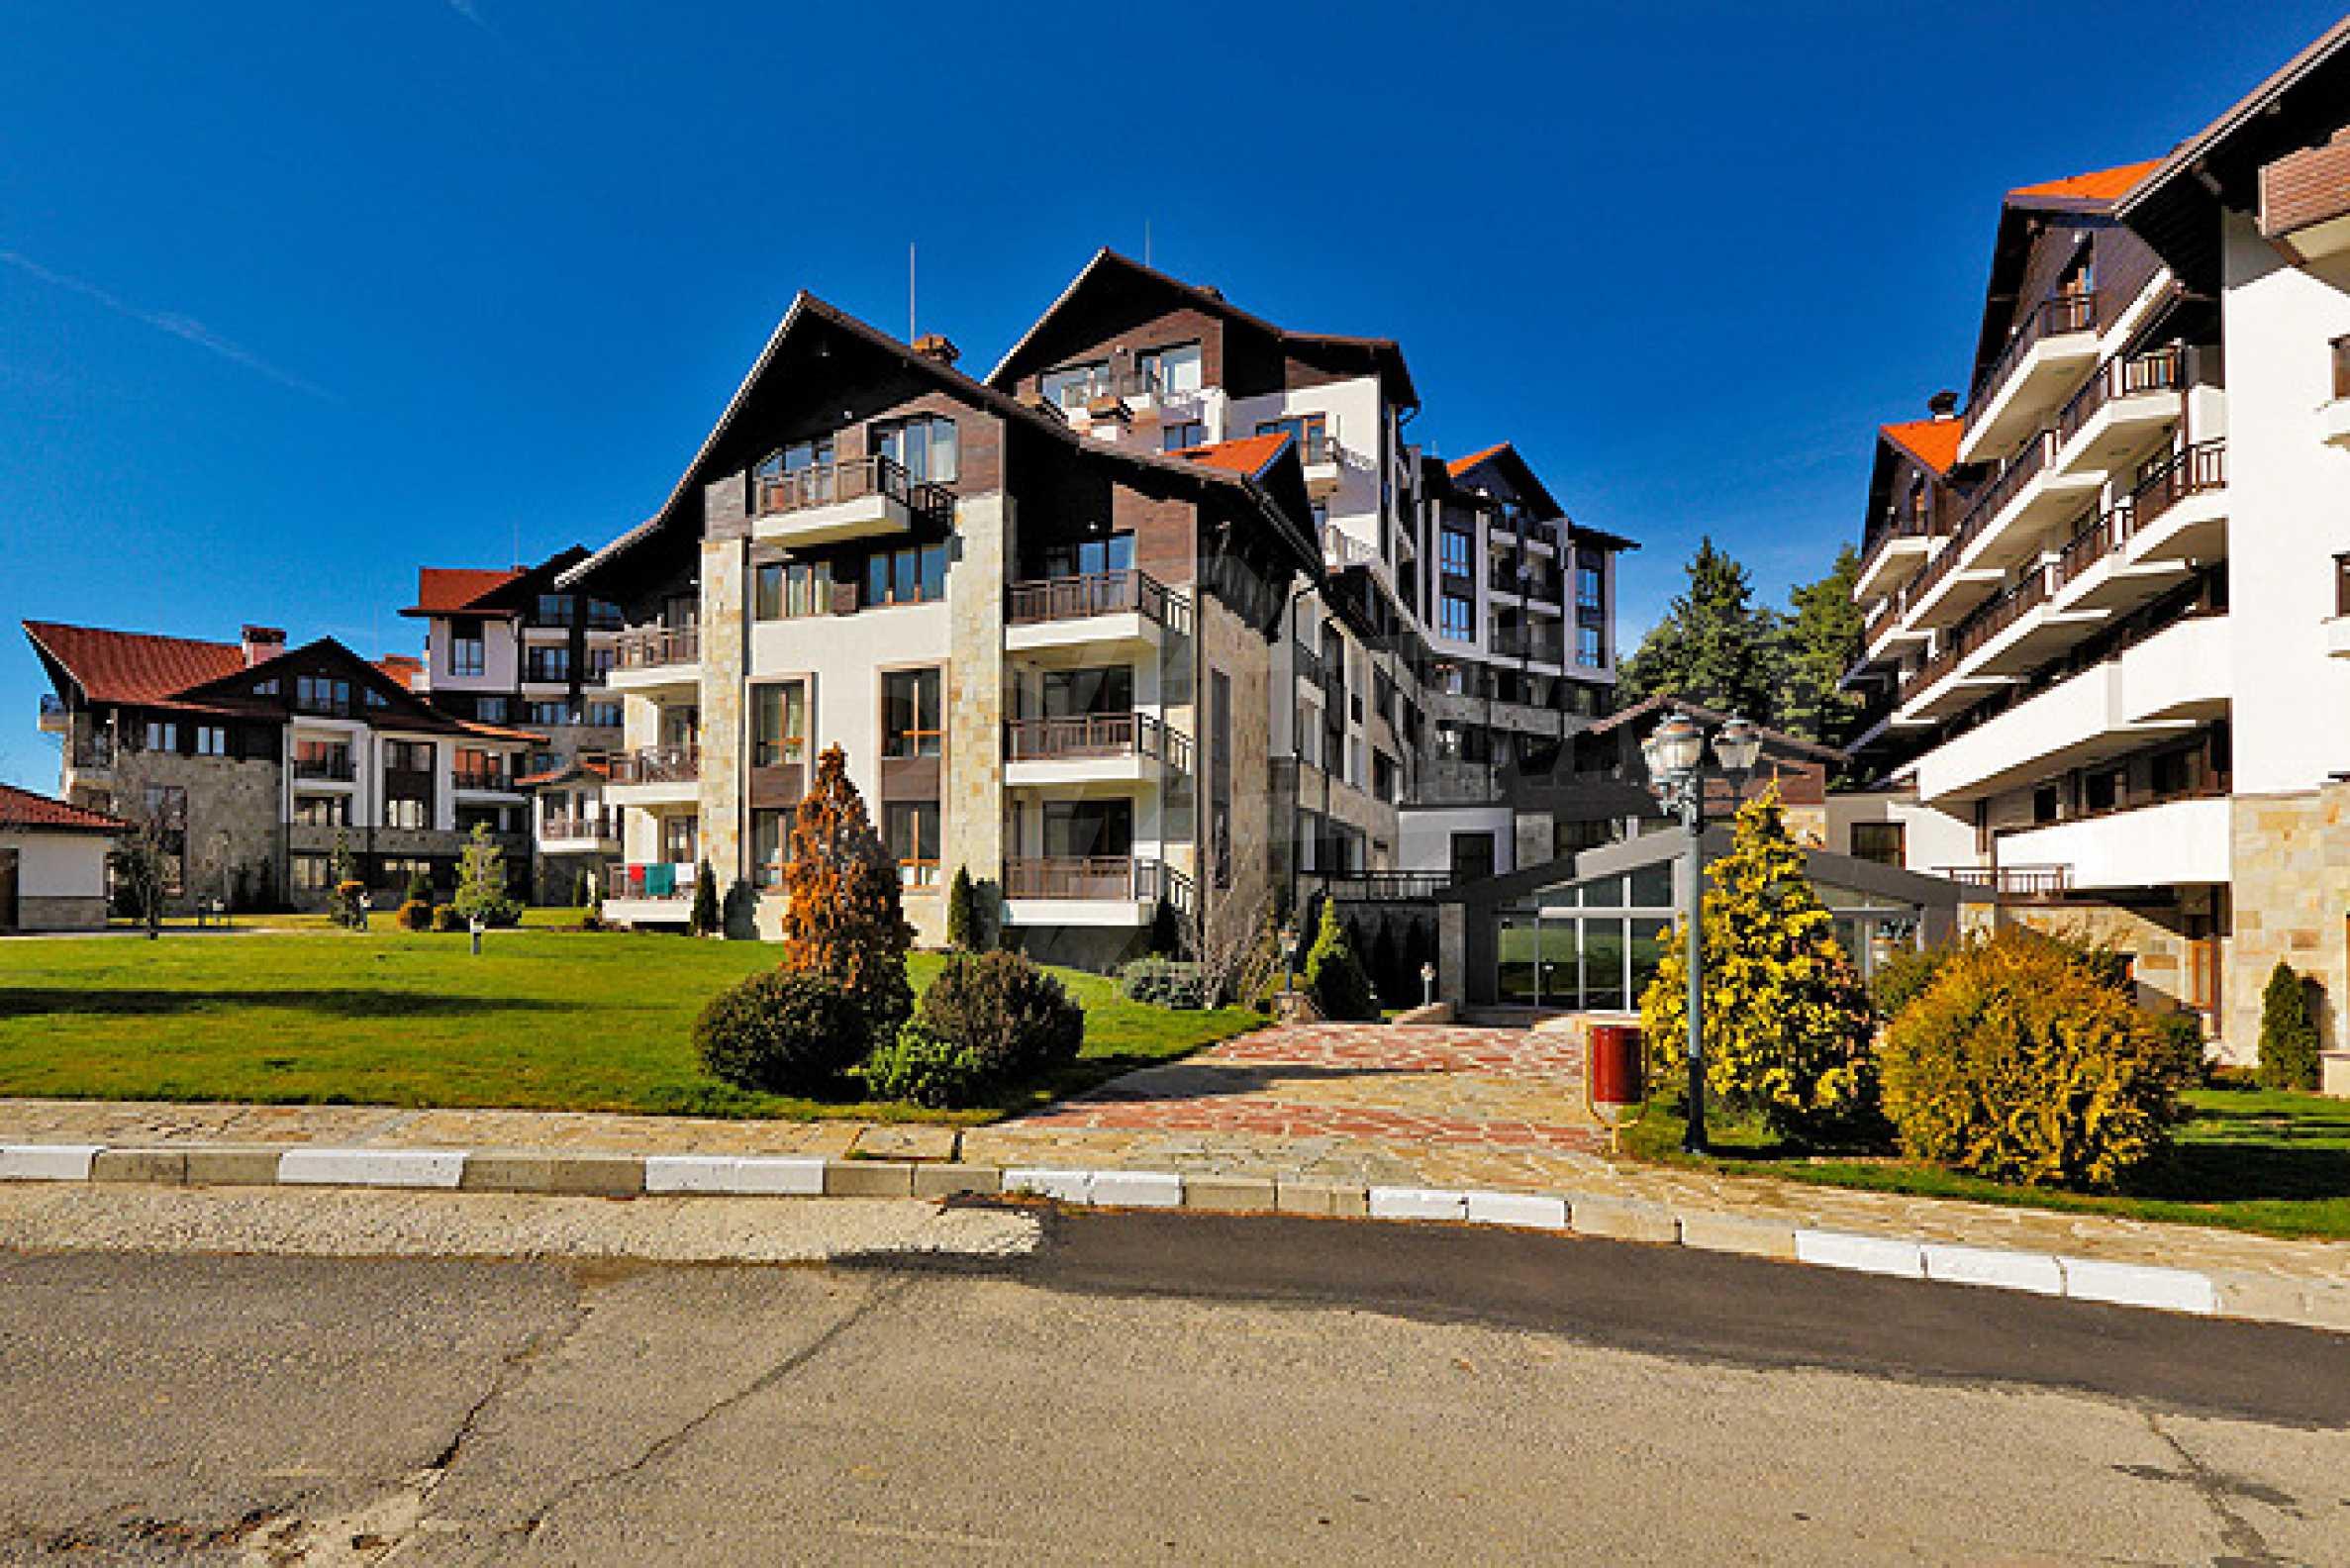 Erstklassige Wohnungen zum Verkauf Meter von der Yastrebets-Strecke in Borovets entfernt 2